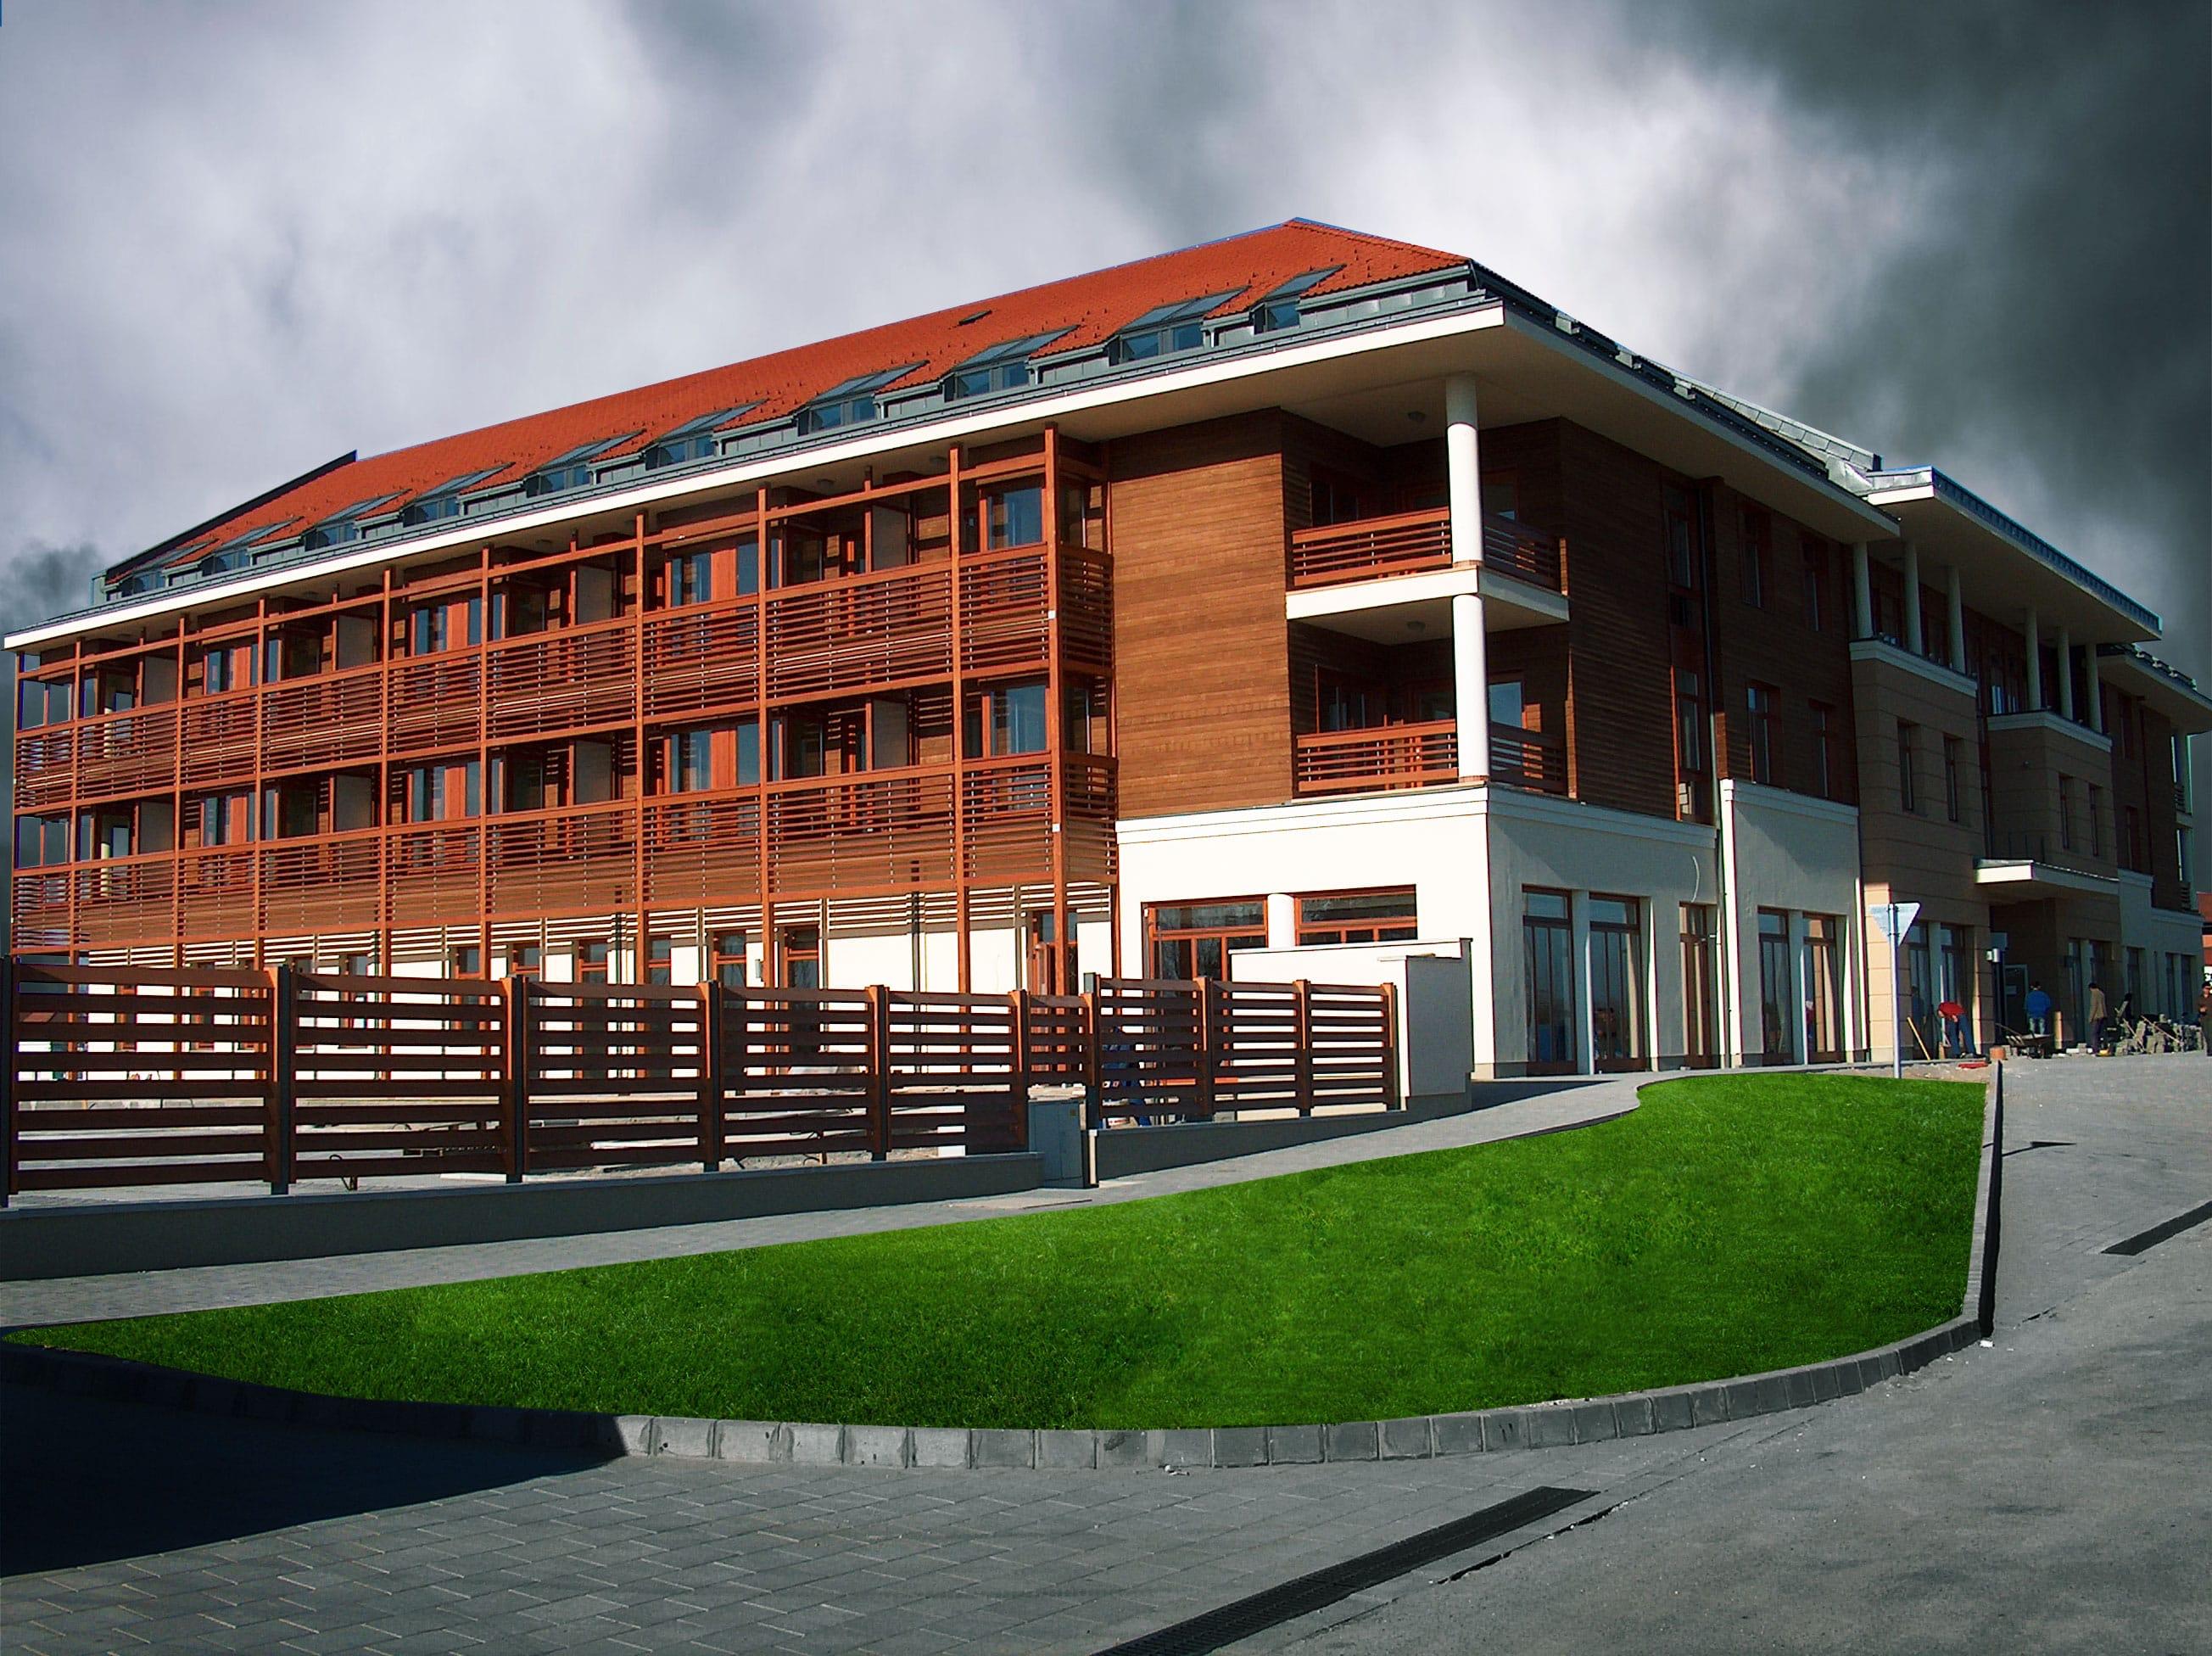 Építész hotel és szálloda tervezéséhez